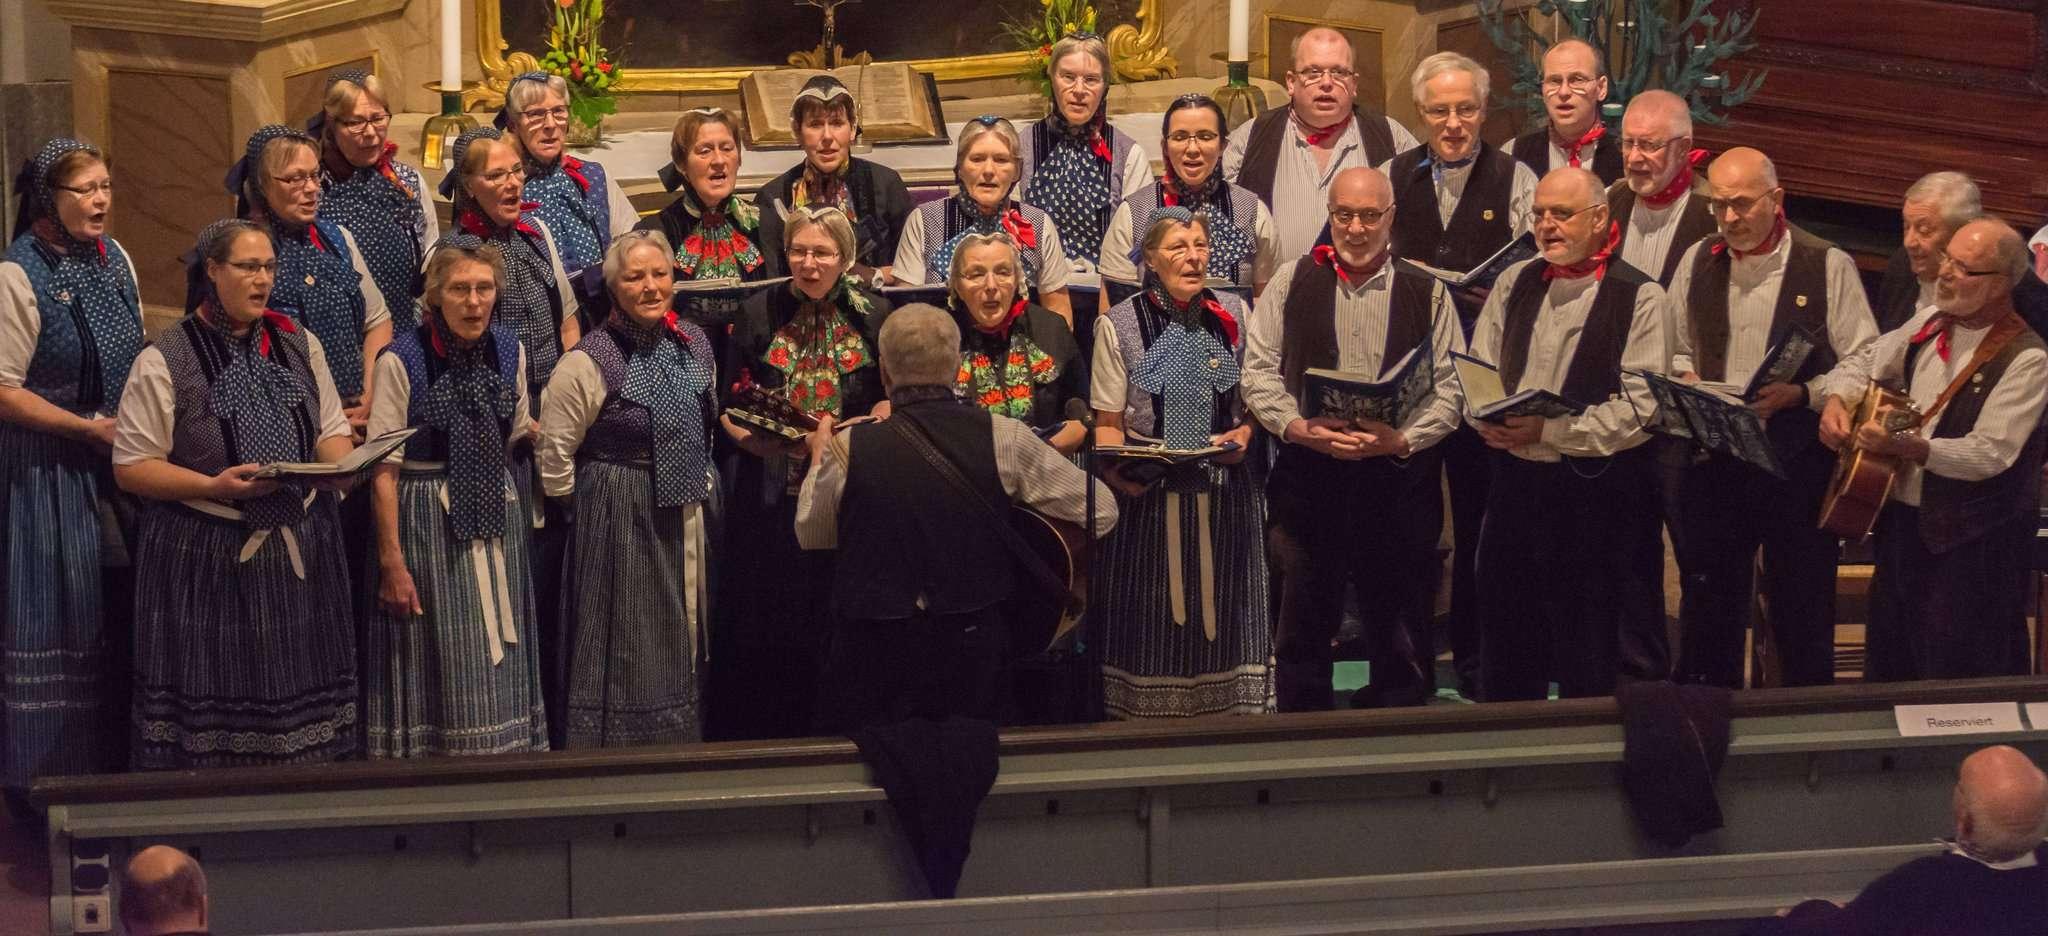 Mal ernst, mal rockig, aber immer unterhaltsam: Die Sänger der Beek-Uln zeigten bei ihrem Konzert in der Scheeßeler Kirche ihre große Vielfalt. Fotos: Klaus-Dieter Plage